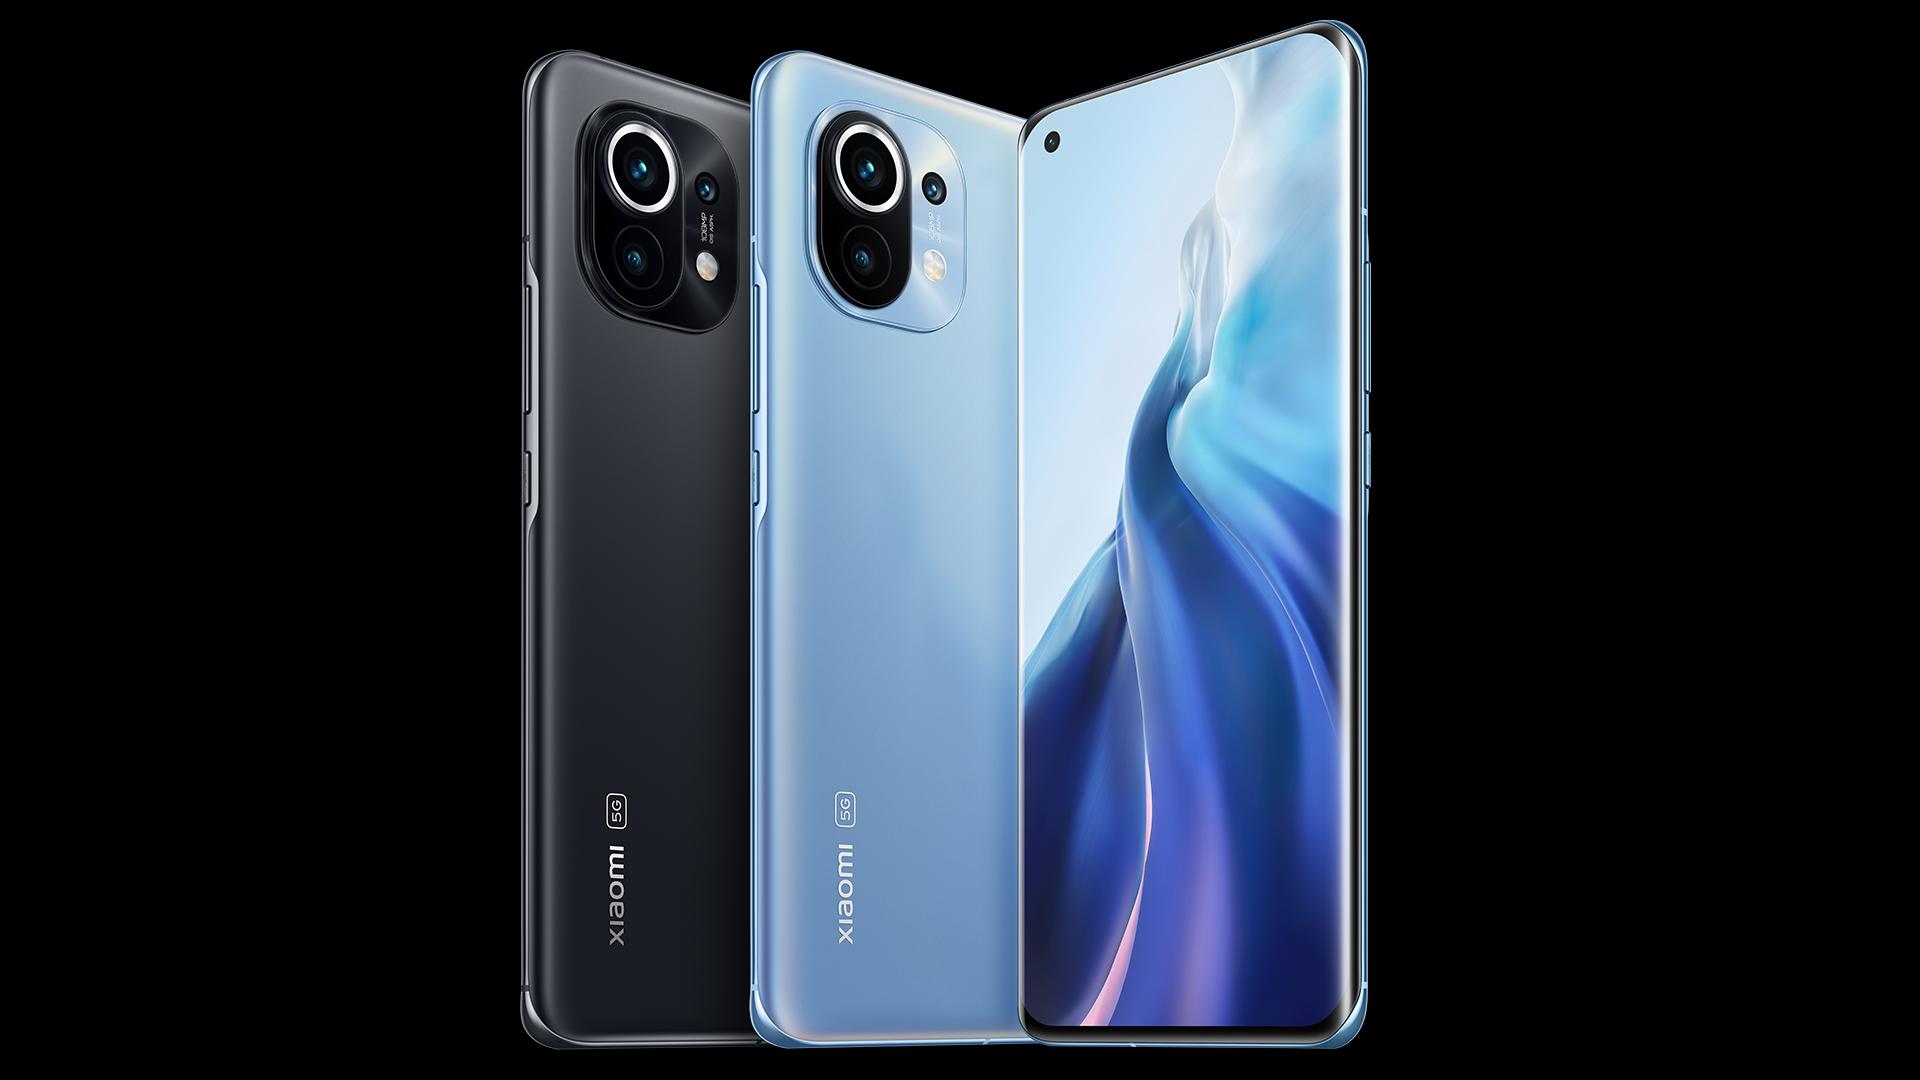 Mi 11 : Xiaomi présente son nouveau smartphone haut de gamme